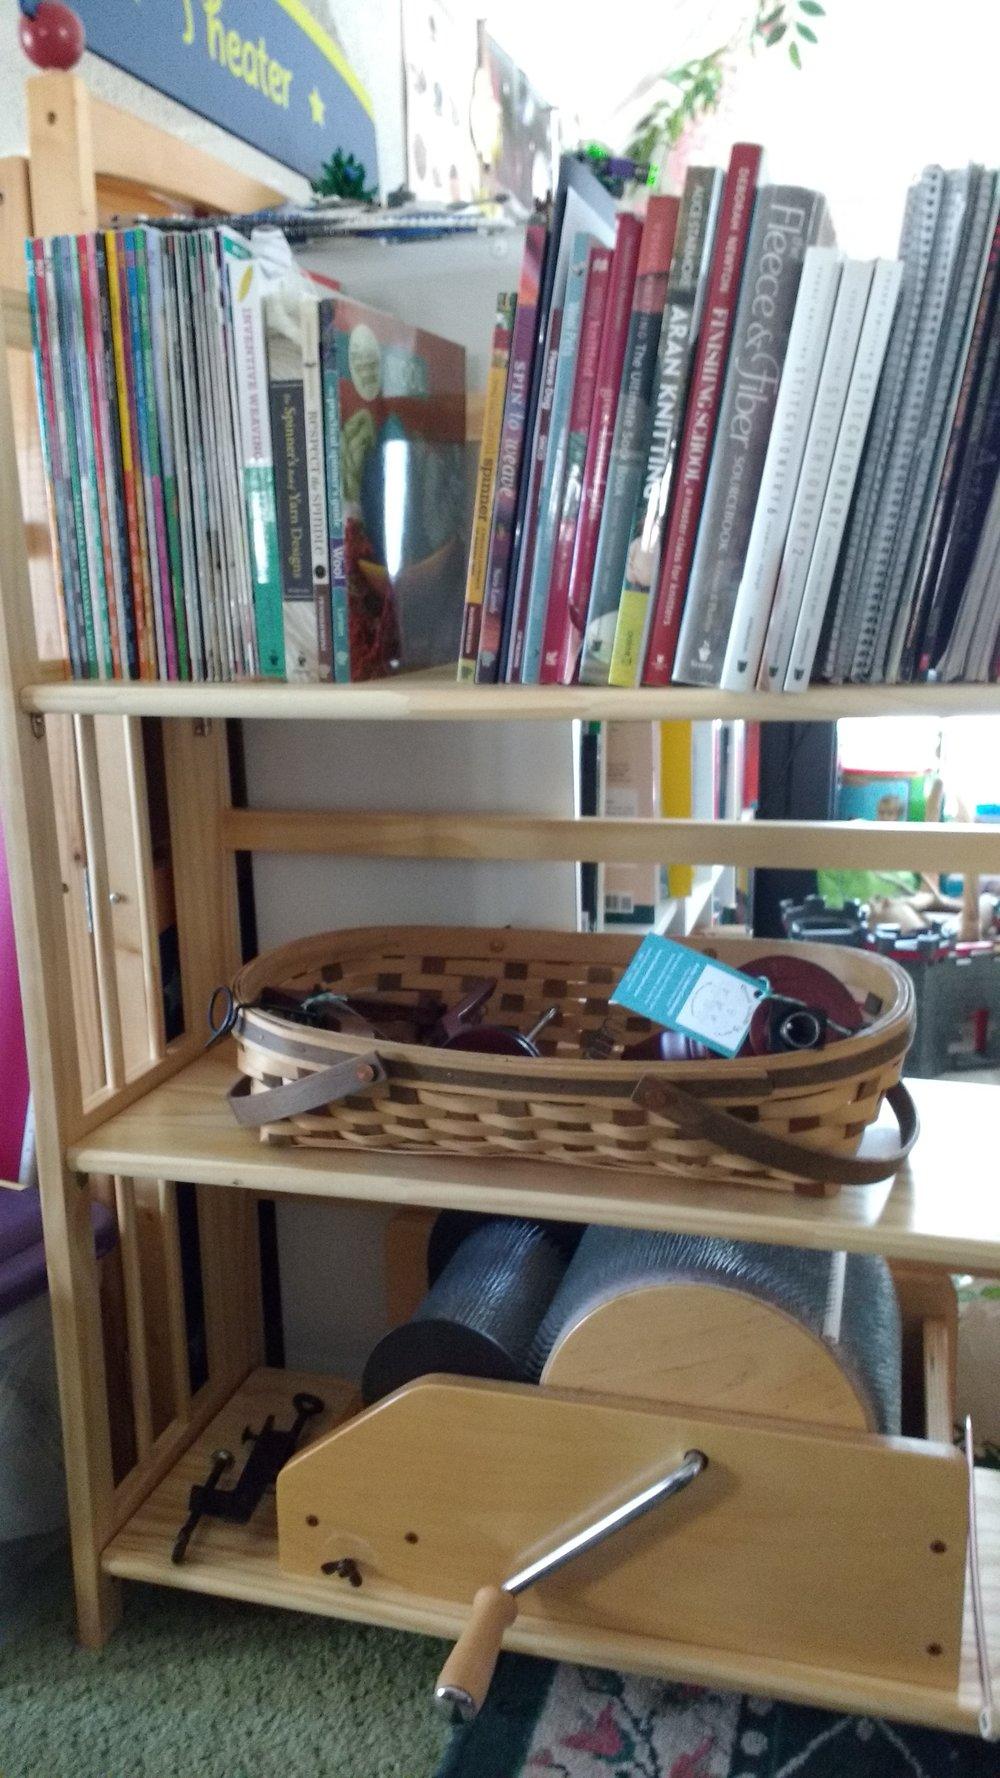 books and equipment.jpg